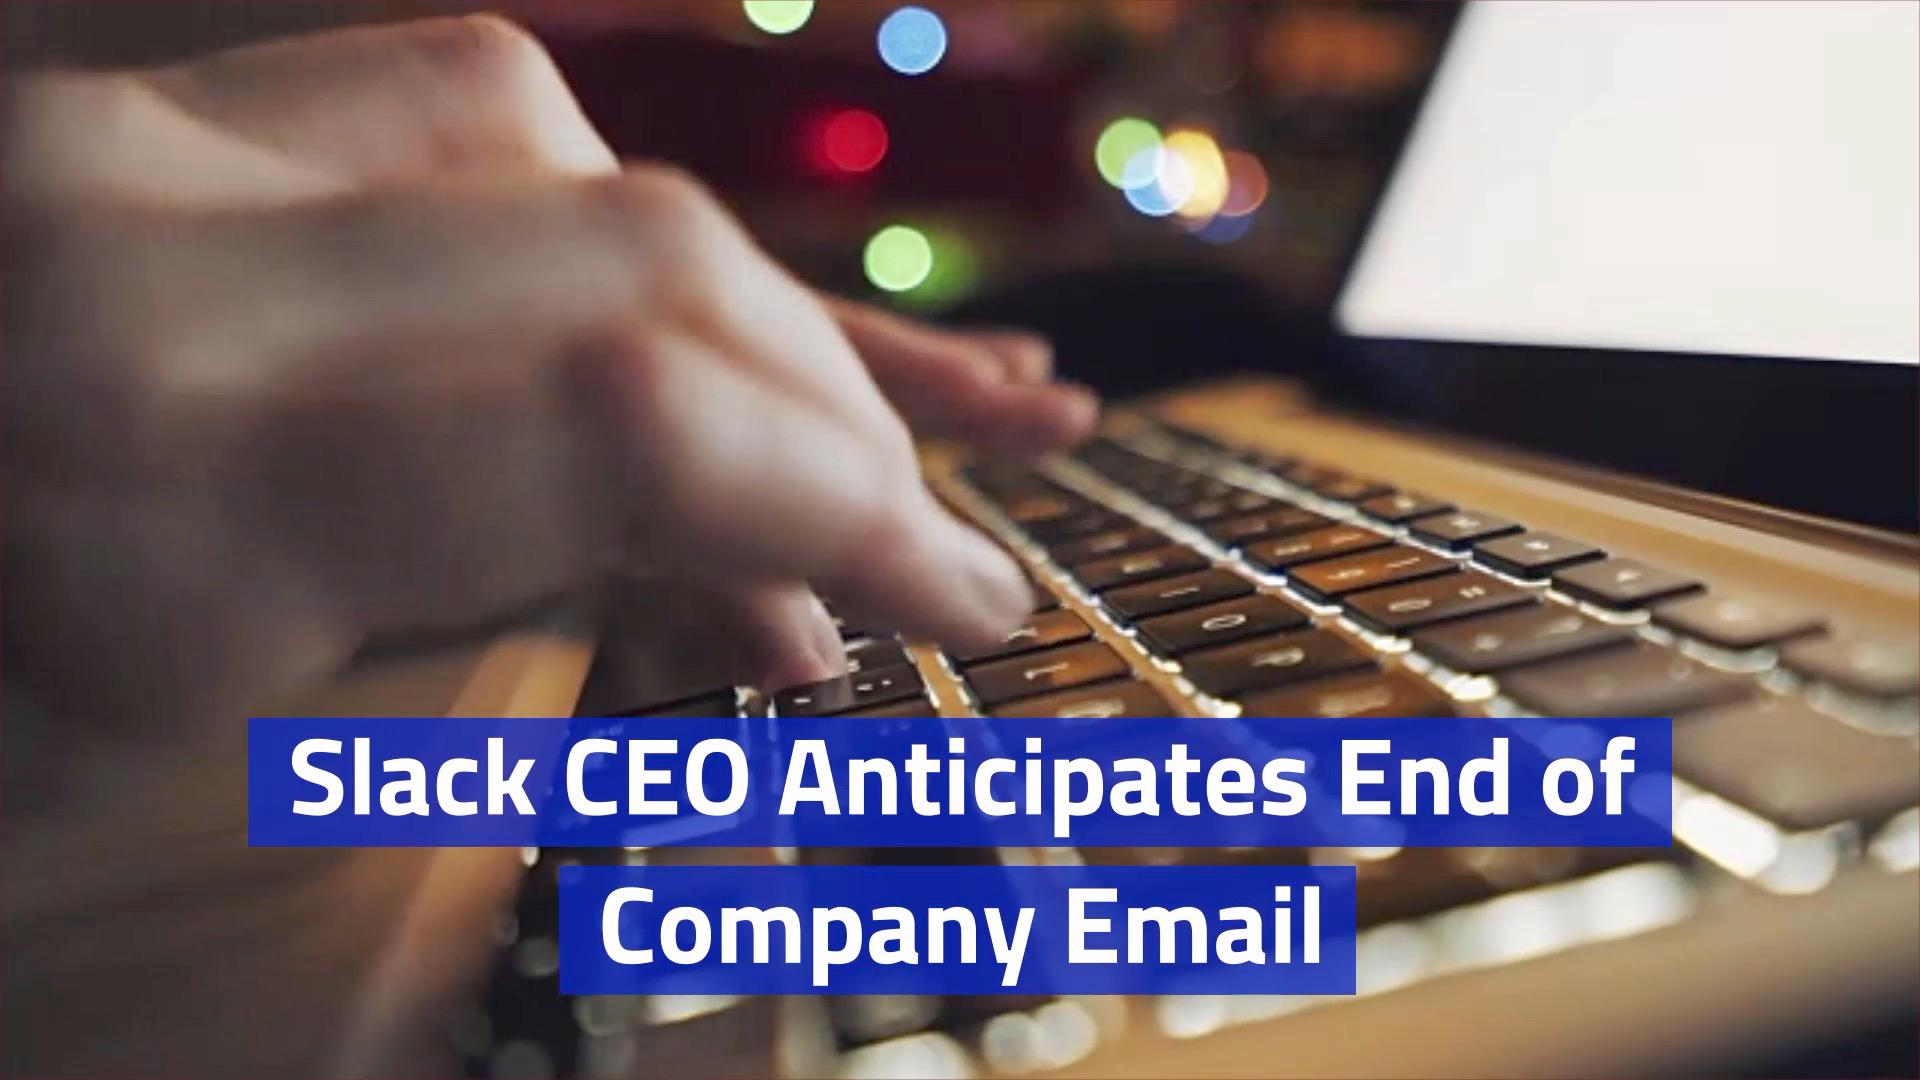 Slack CEO Has A Vision